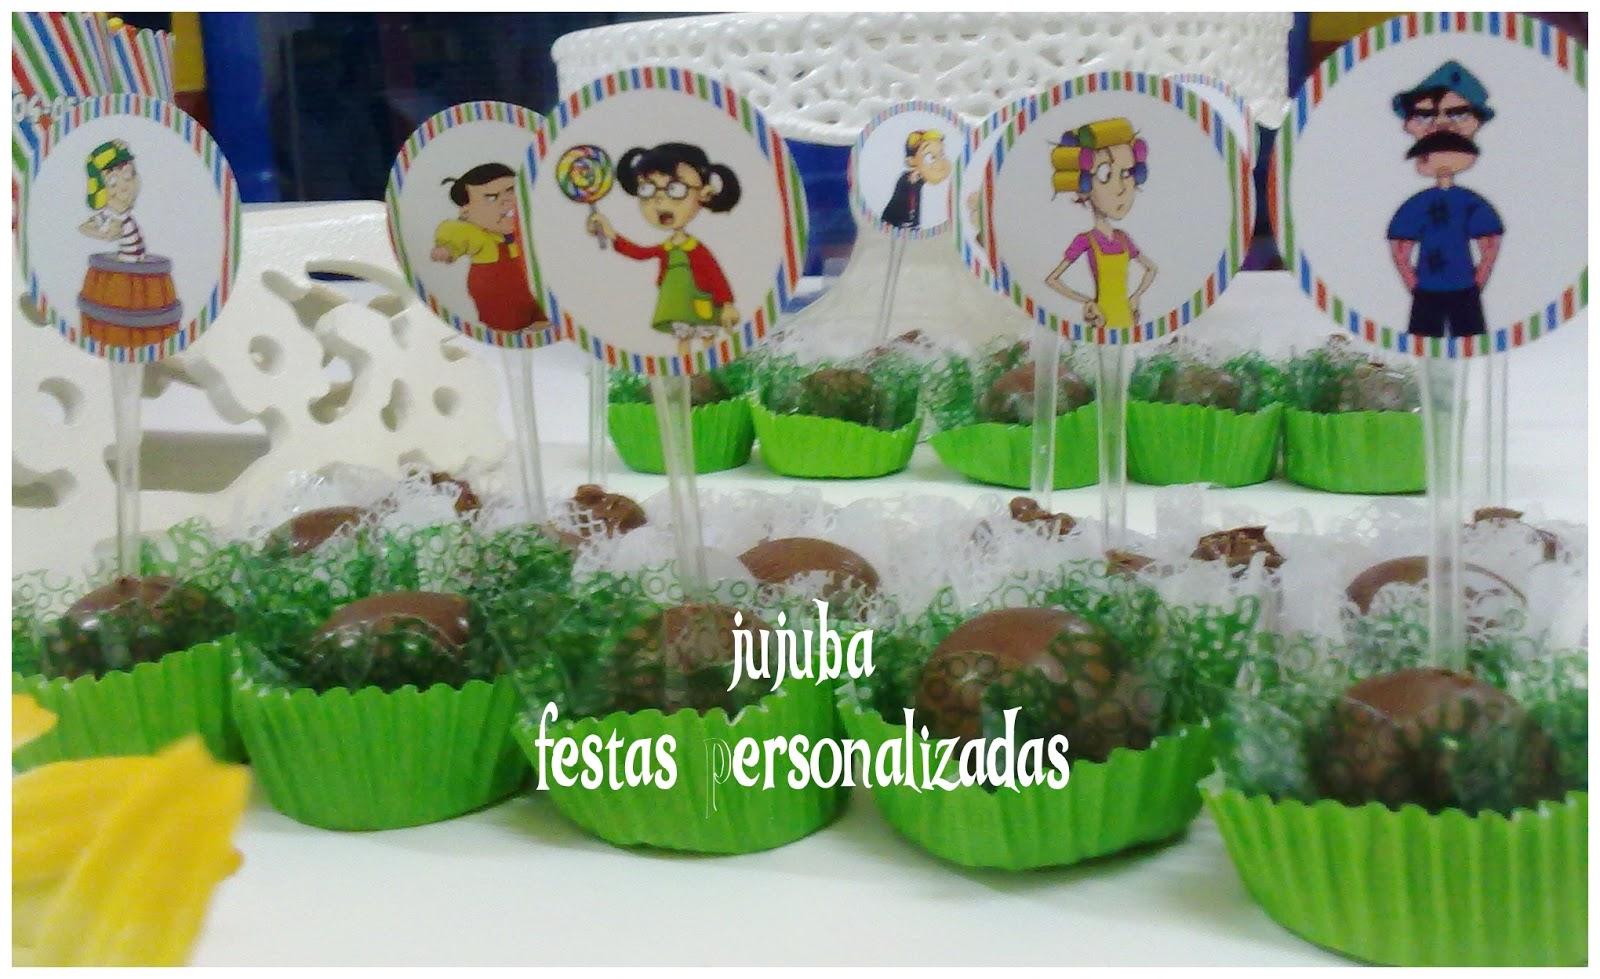 Jujuba Festas Personalizadas Decoração Chaves e sua turma